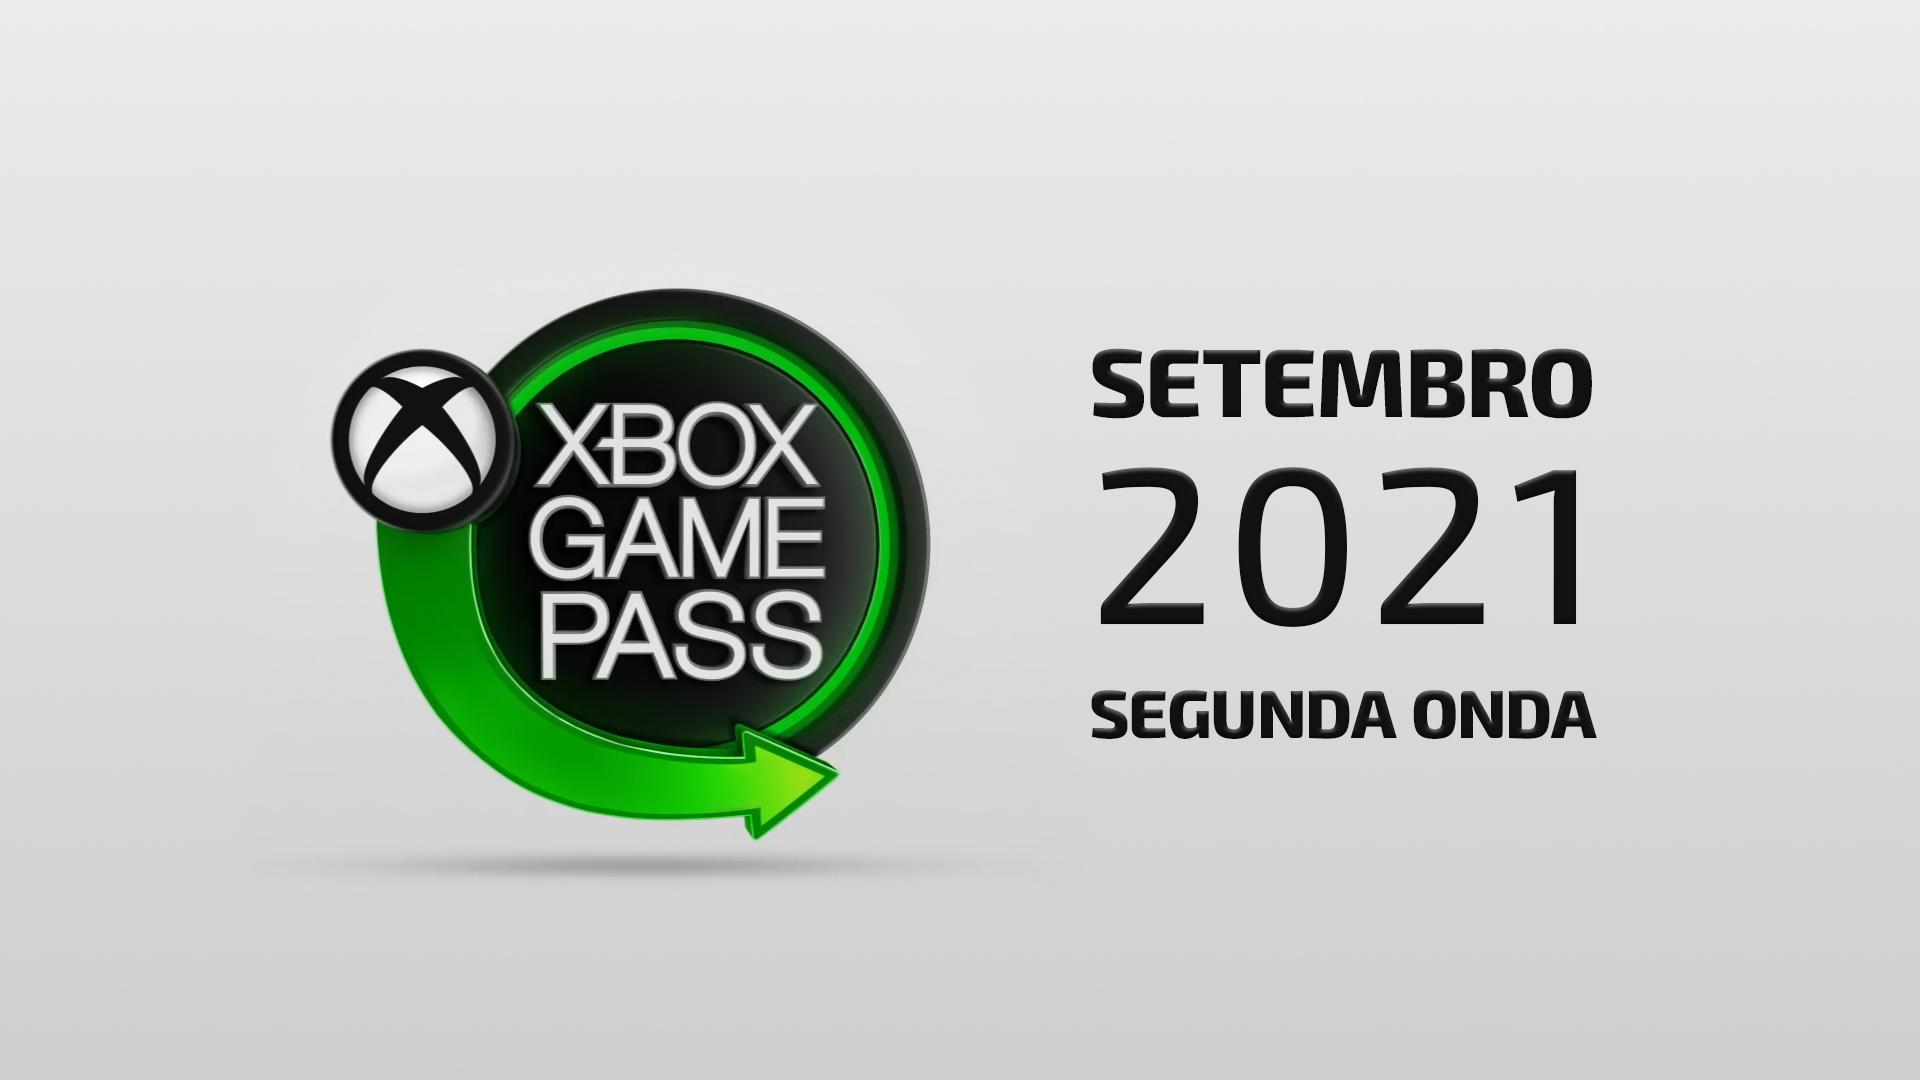 Jogos: Xbox Game Pass inclui mais 13 jogos em setembro